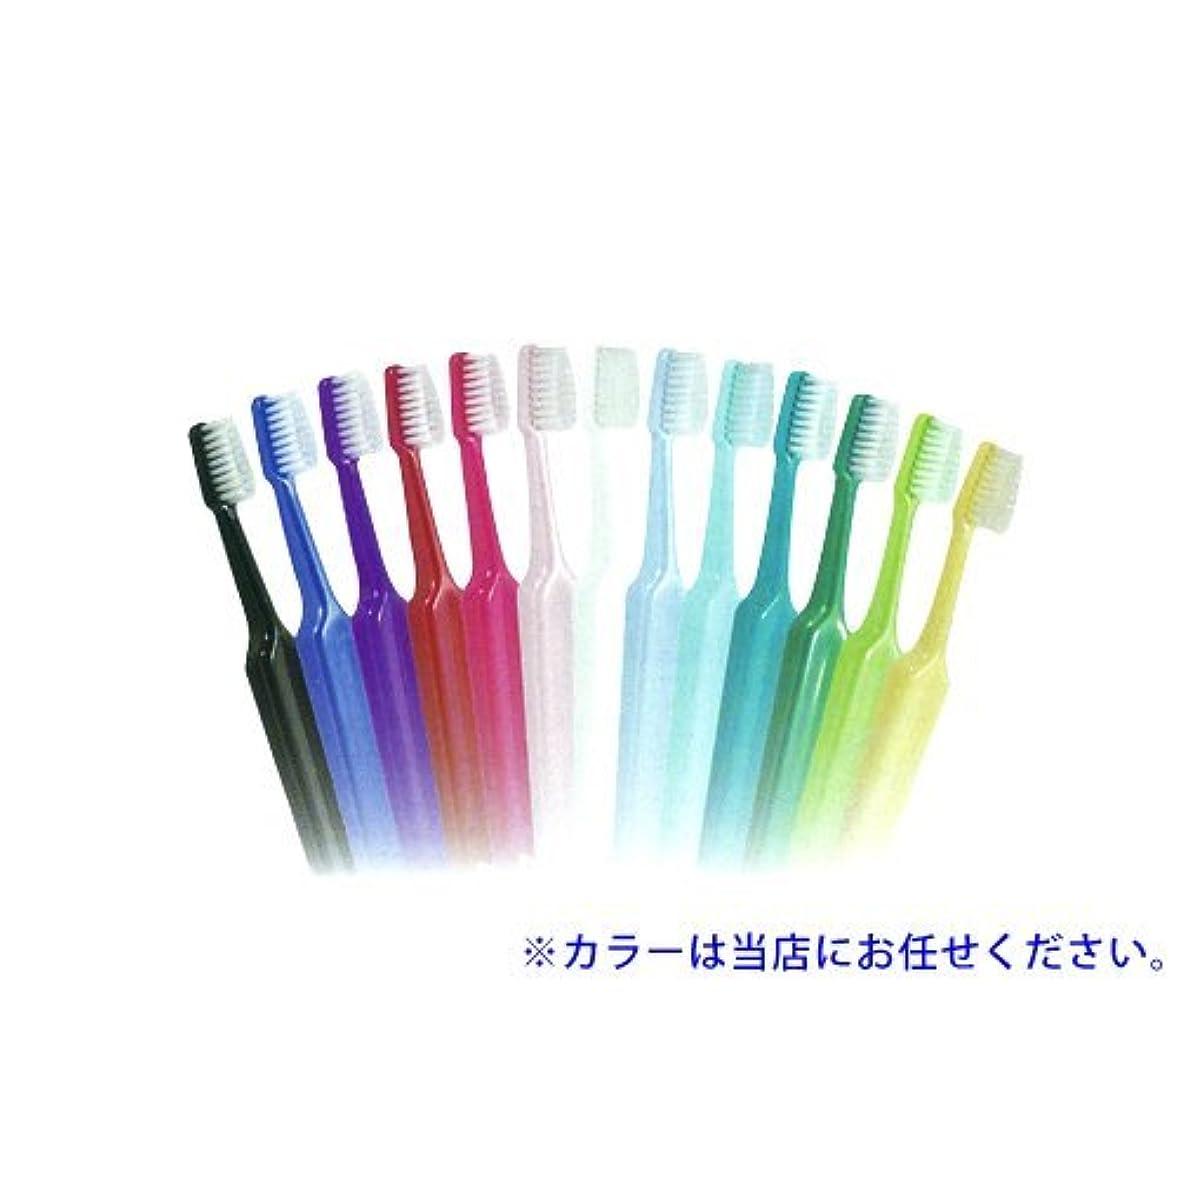 バラ色契約したバラ色クロスフィールド TePe テペ セレクト 歯ブラシ 1本 エクストラソフト